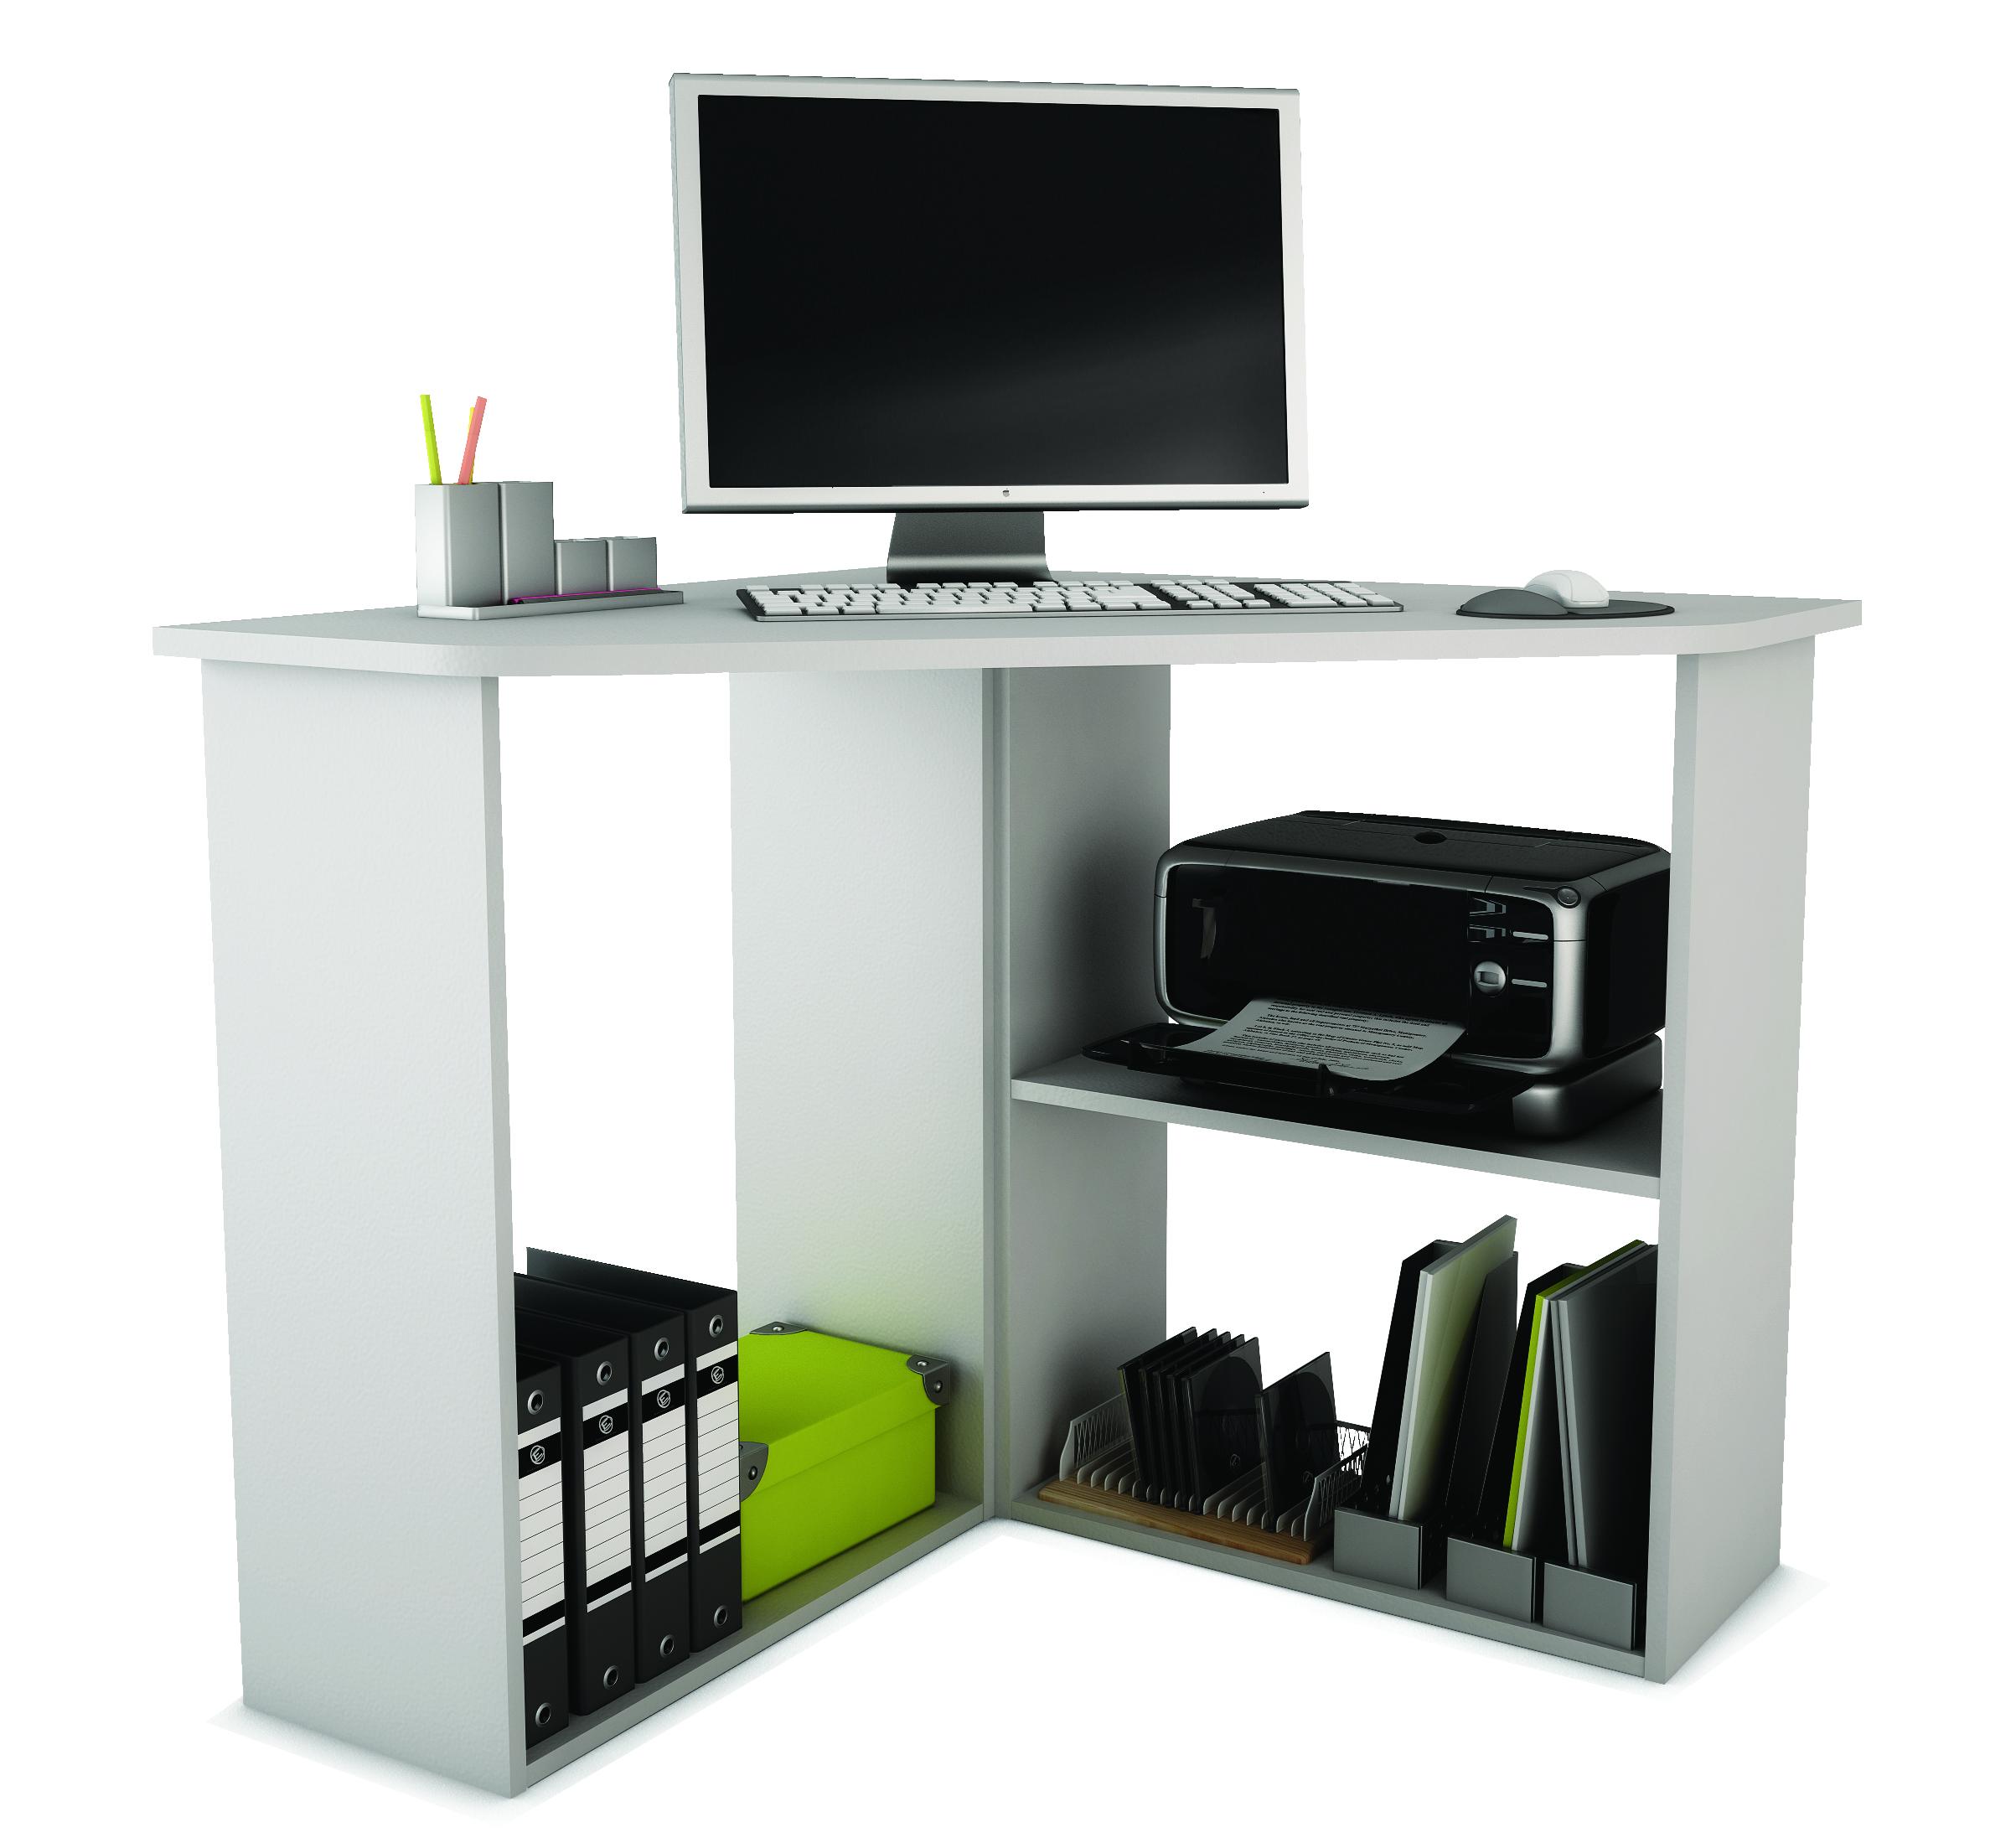 eckschreibtisch computer schreibtisch eckcomputertisch pc. Black Bedroom Furniture Sets. Home Design Ideas